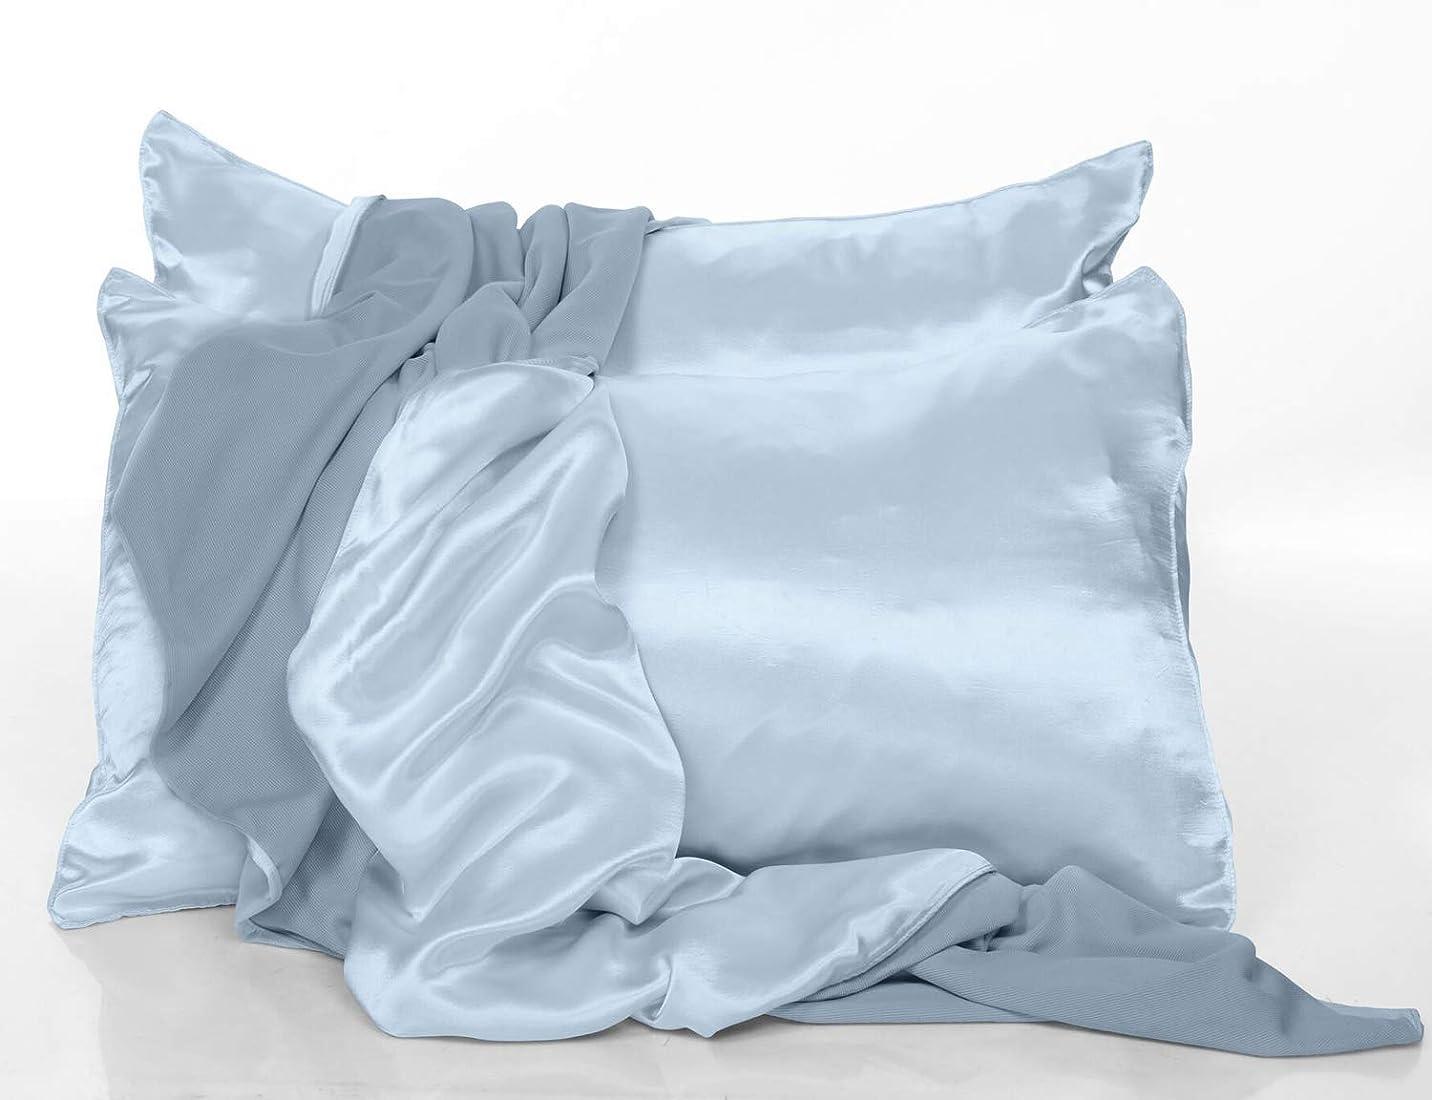 先見の明苦行ラベンダーPJ Harlow モーニングブルーサテンスタンダード枕カバー - 2個セット